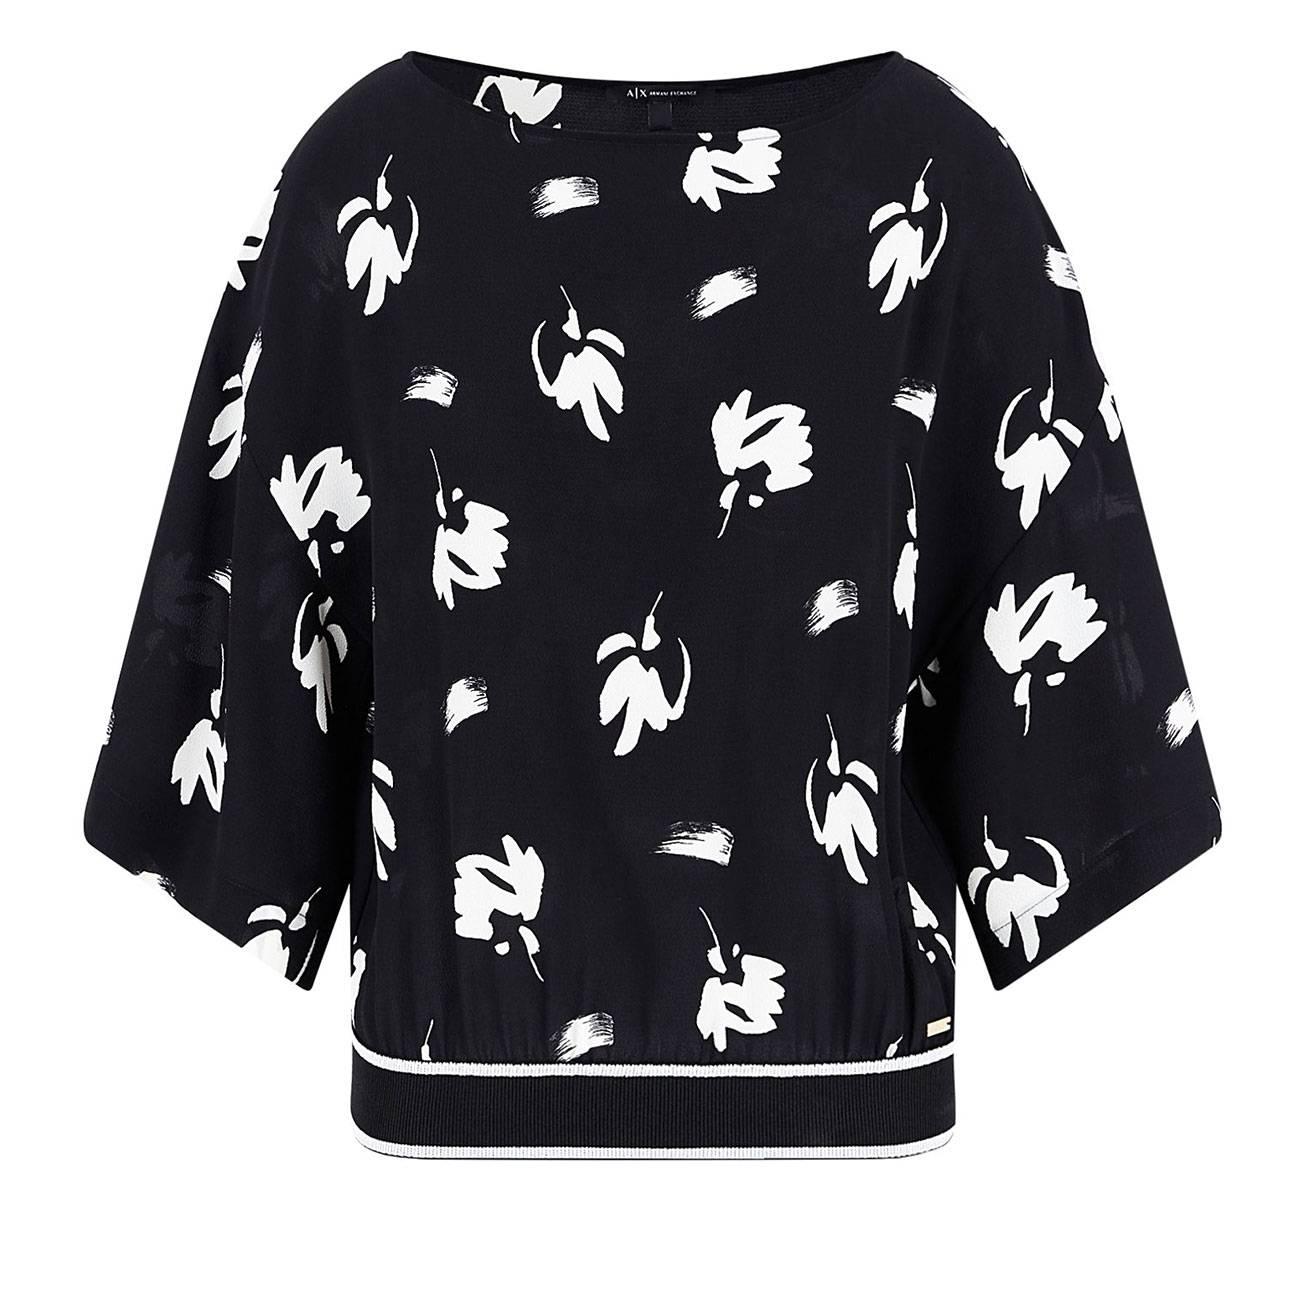 Short-sleeved Blouse M